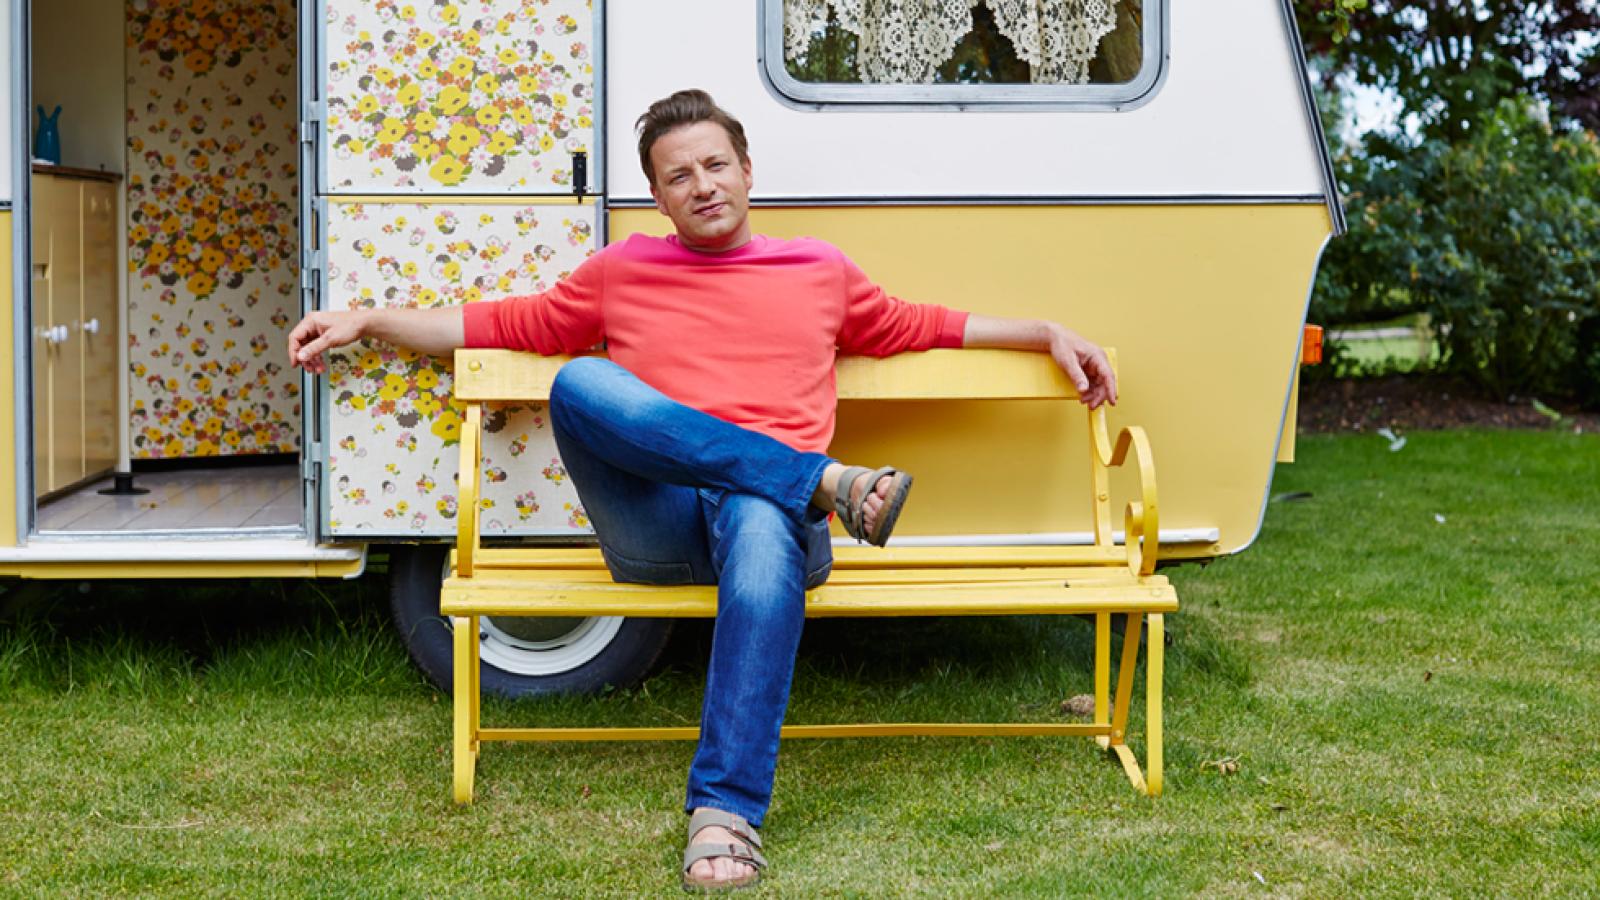 Así comienza el primer capítulo de 'Comida reconfortante' con Jamie Oliver